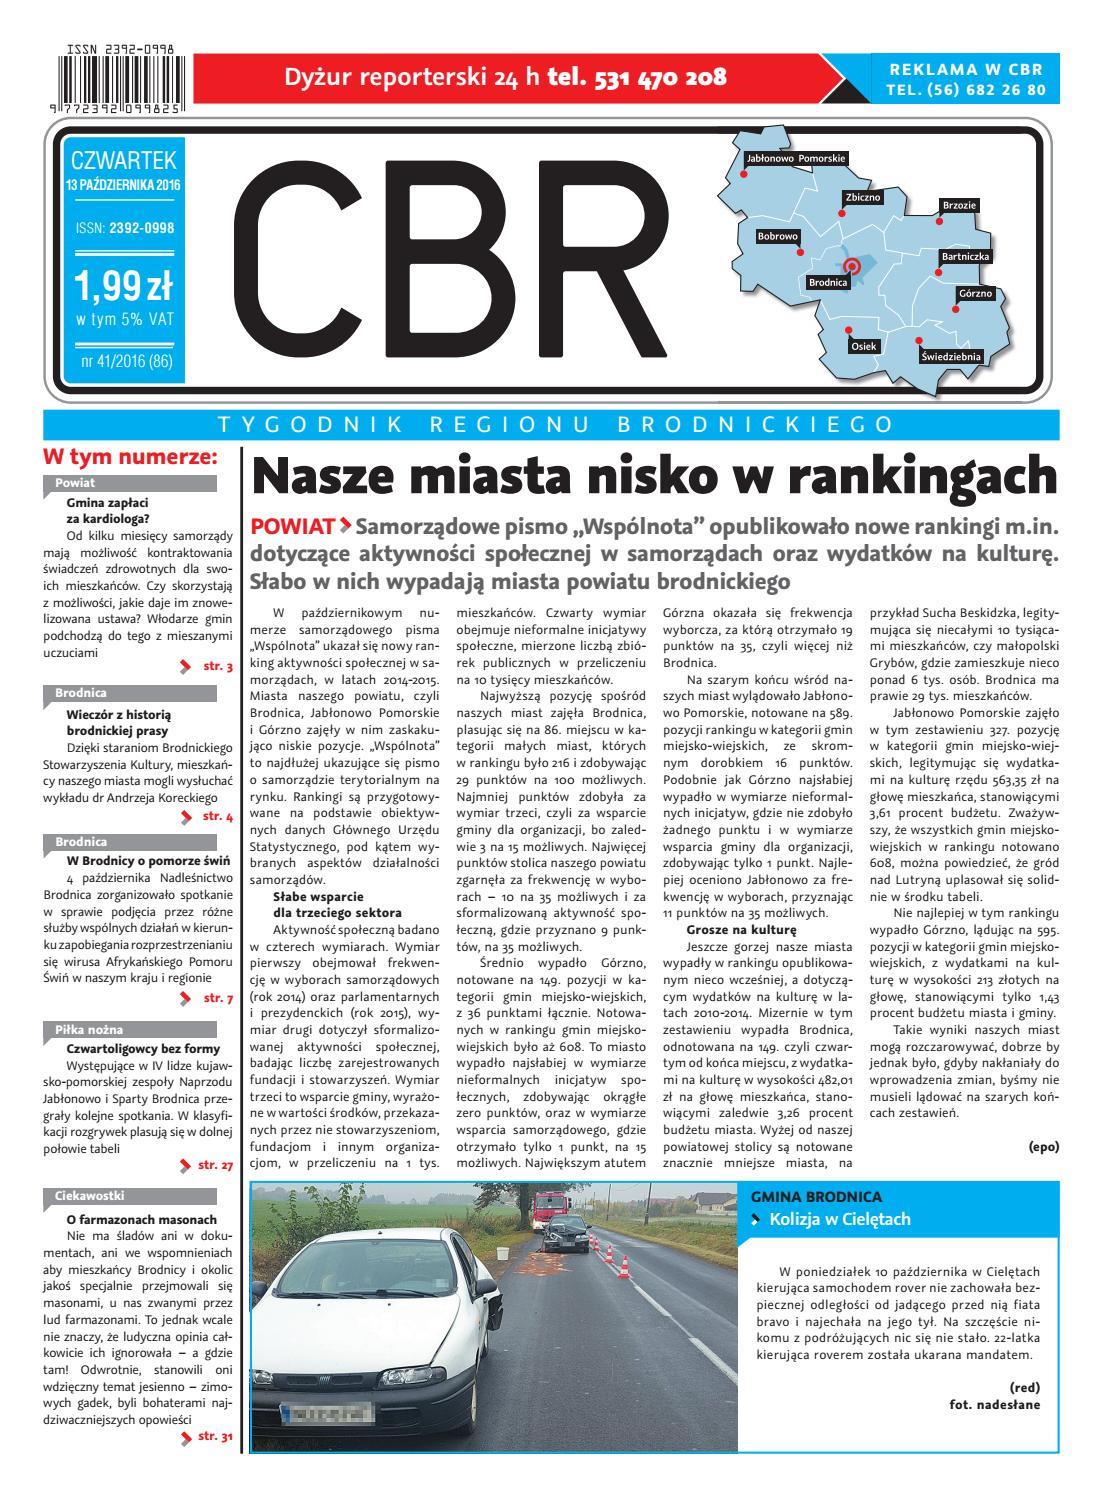 cbr nr 86 by brodnica-cbr pl